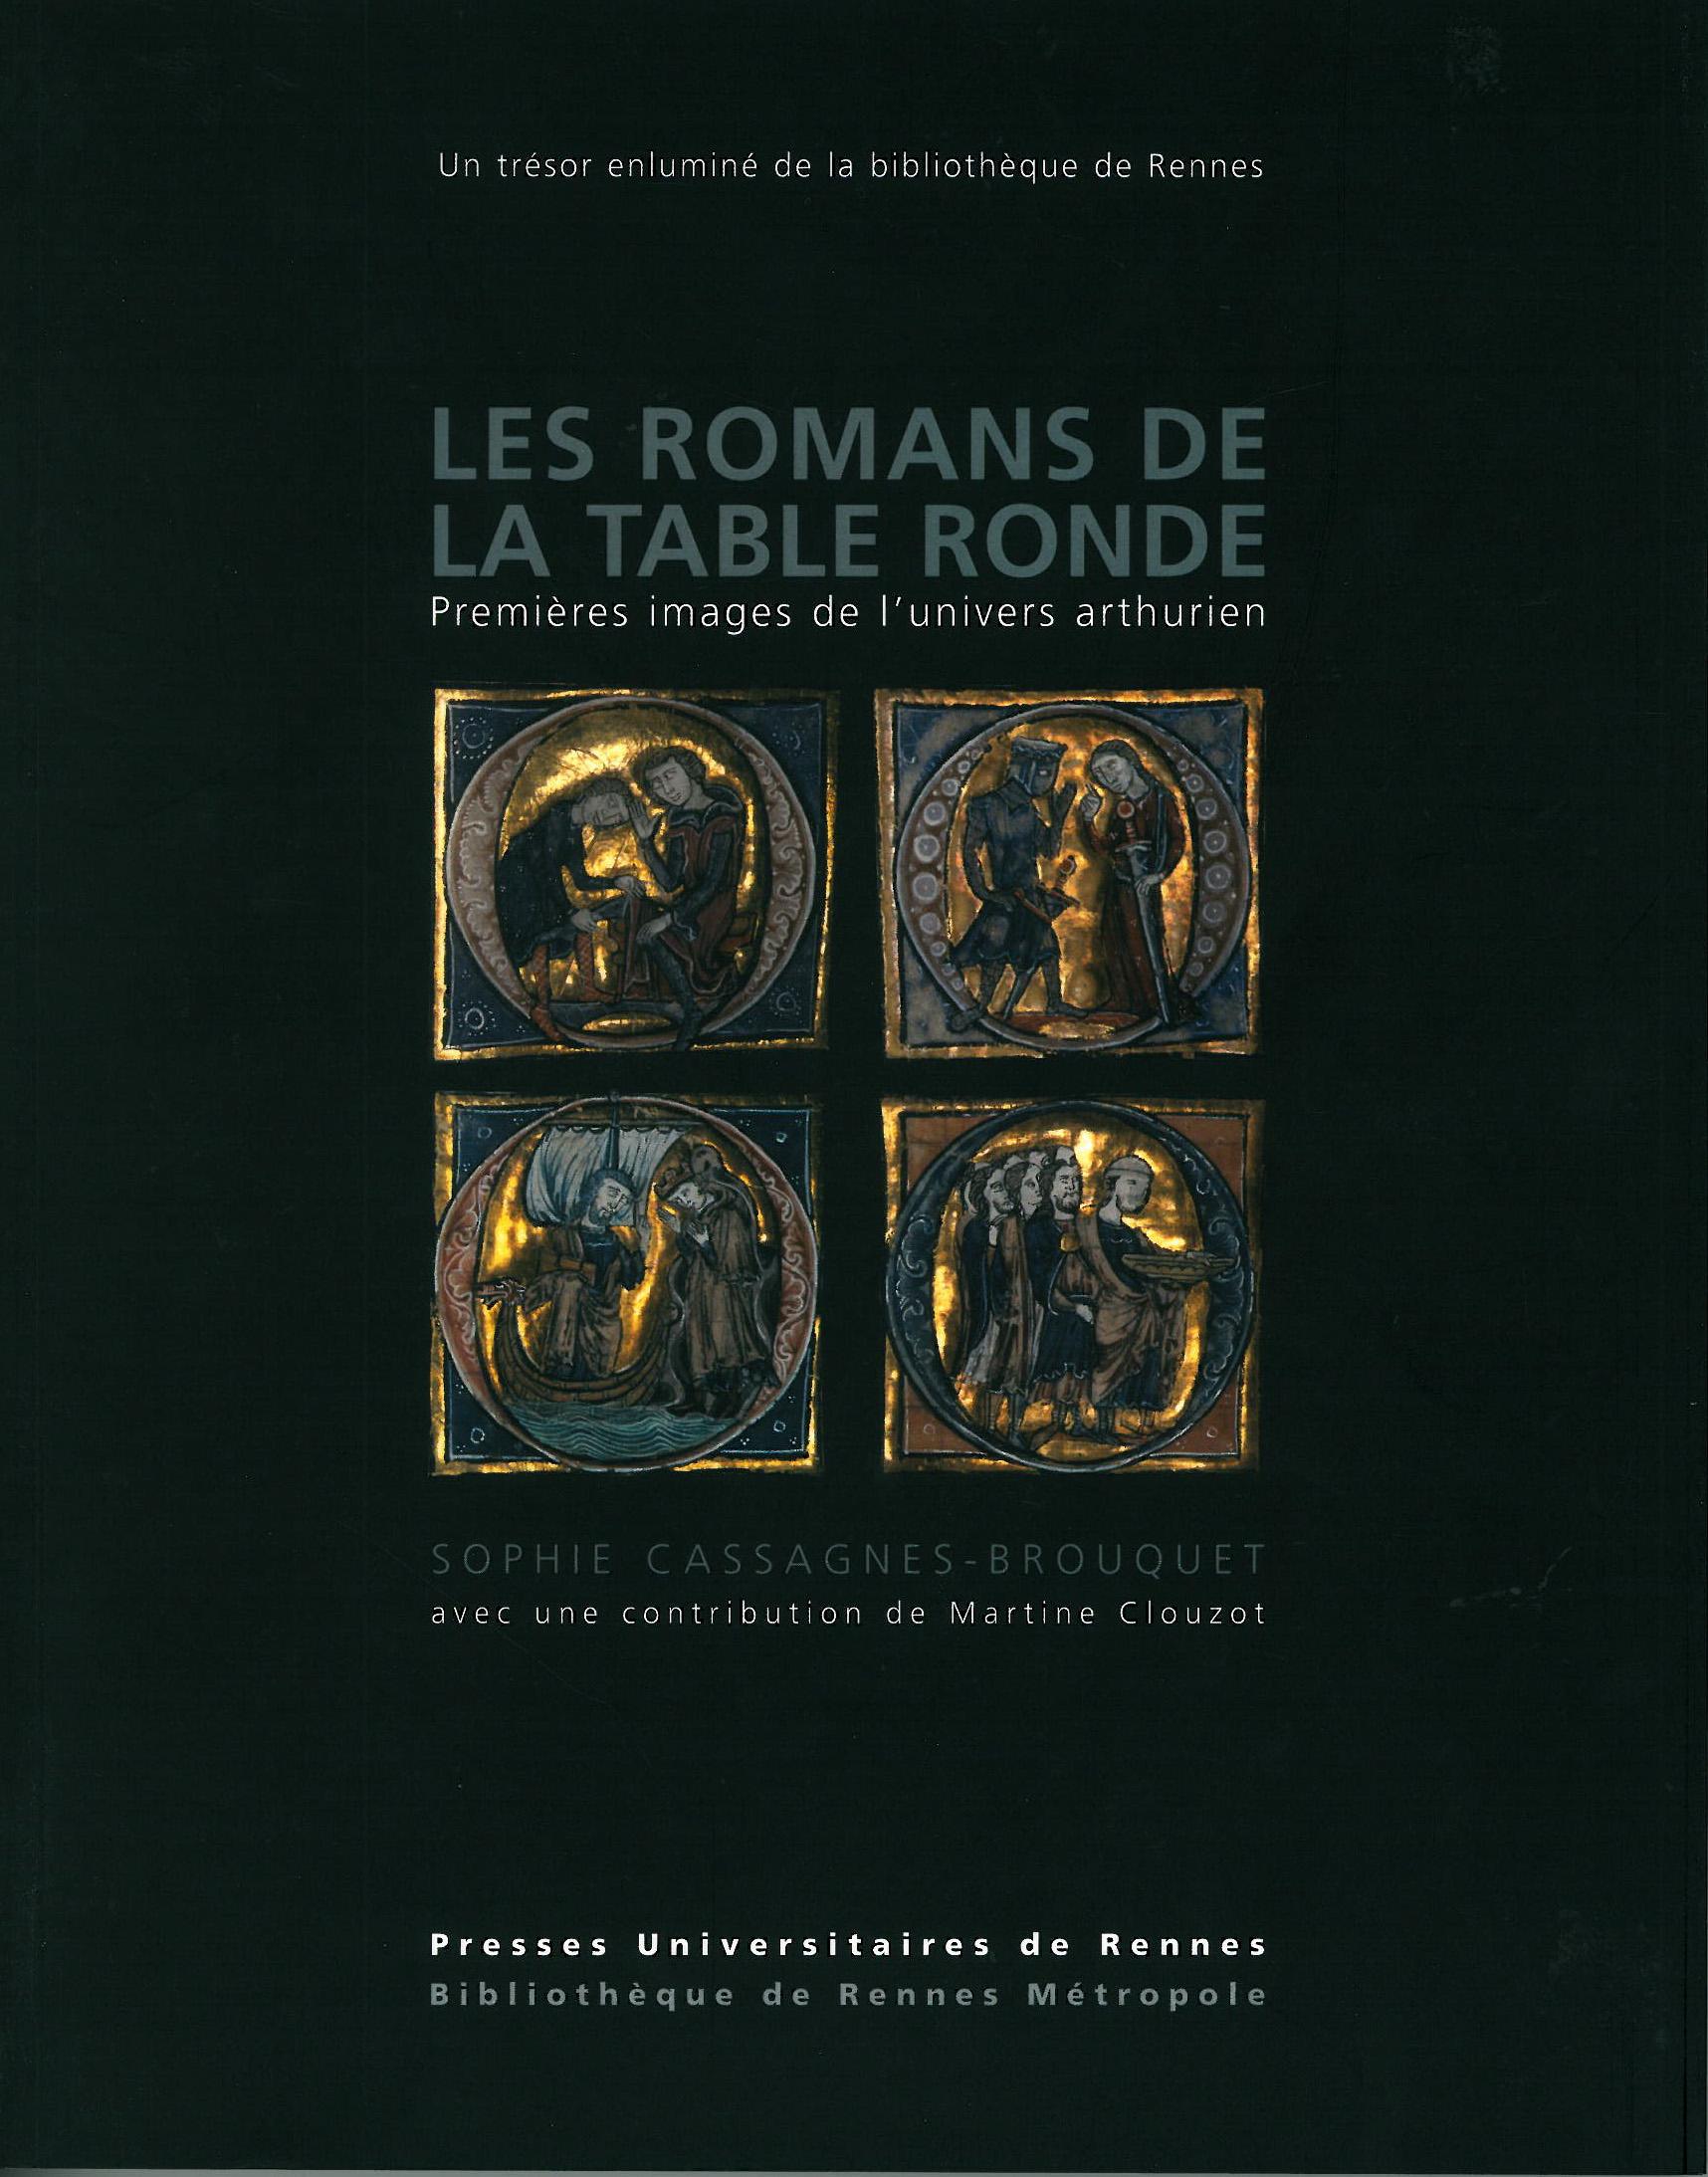 Couverture du livre Les Romans de la Table ronde